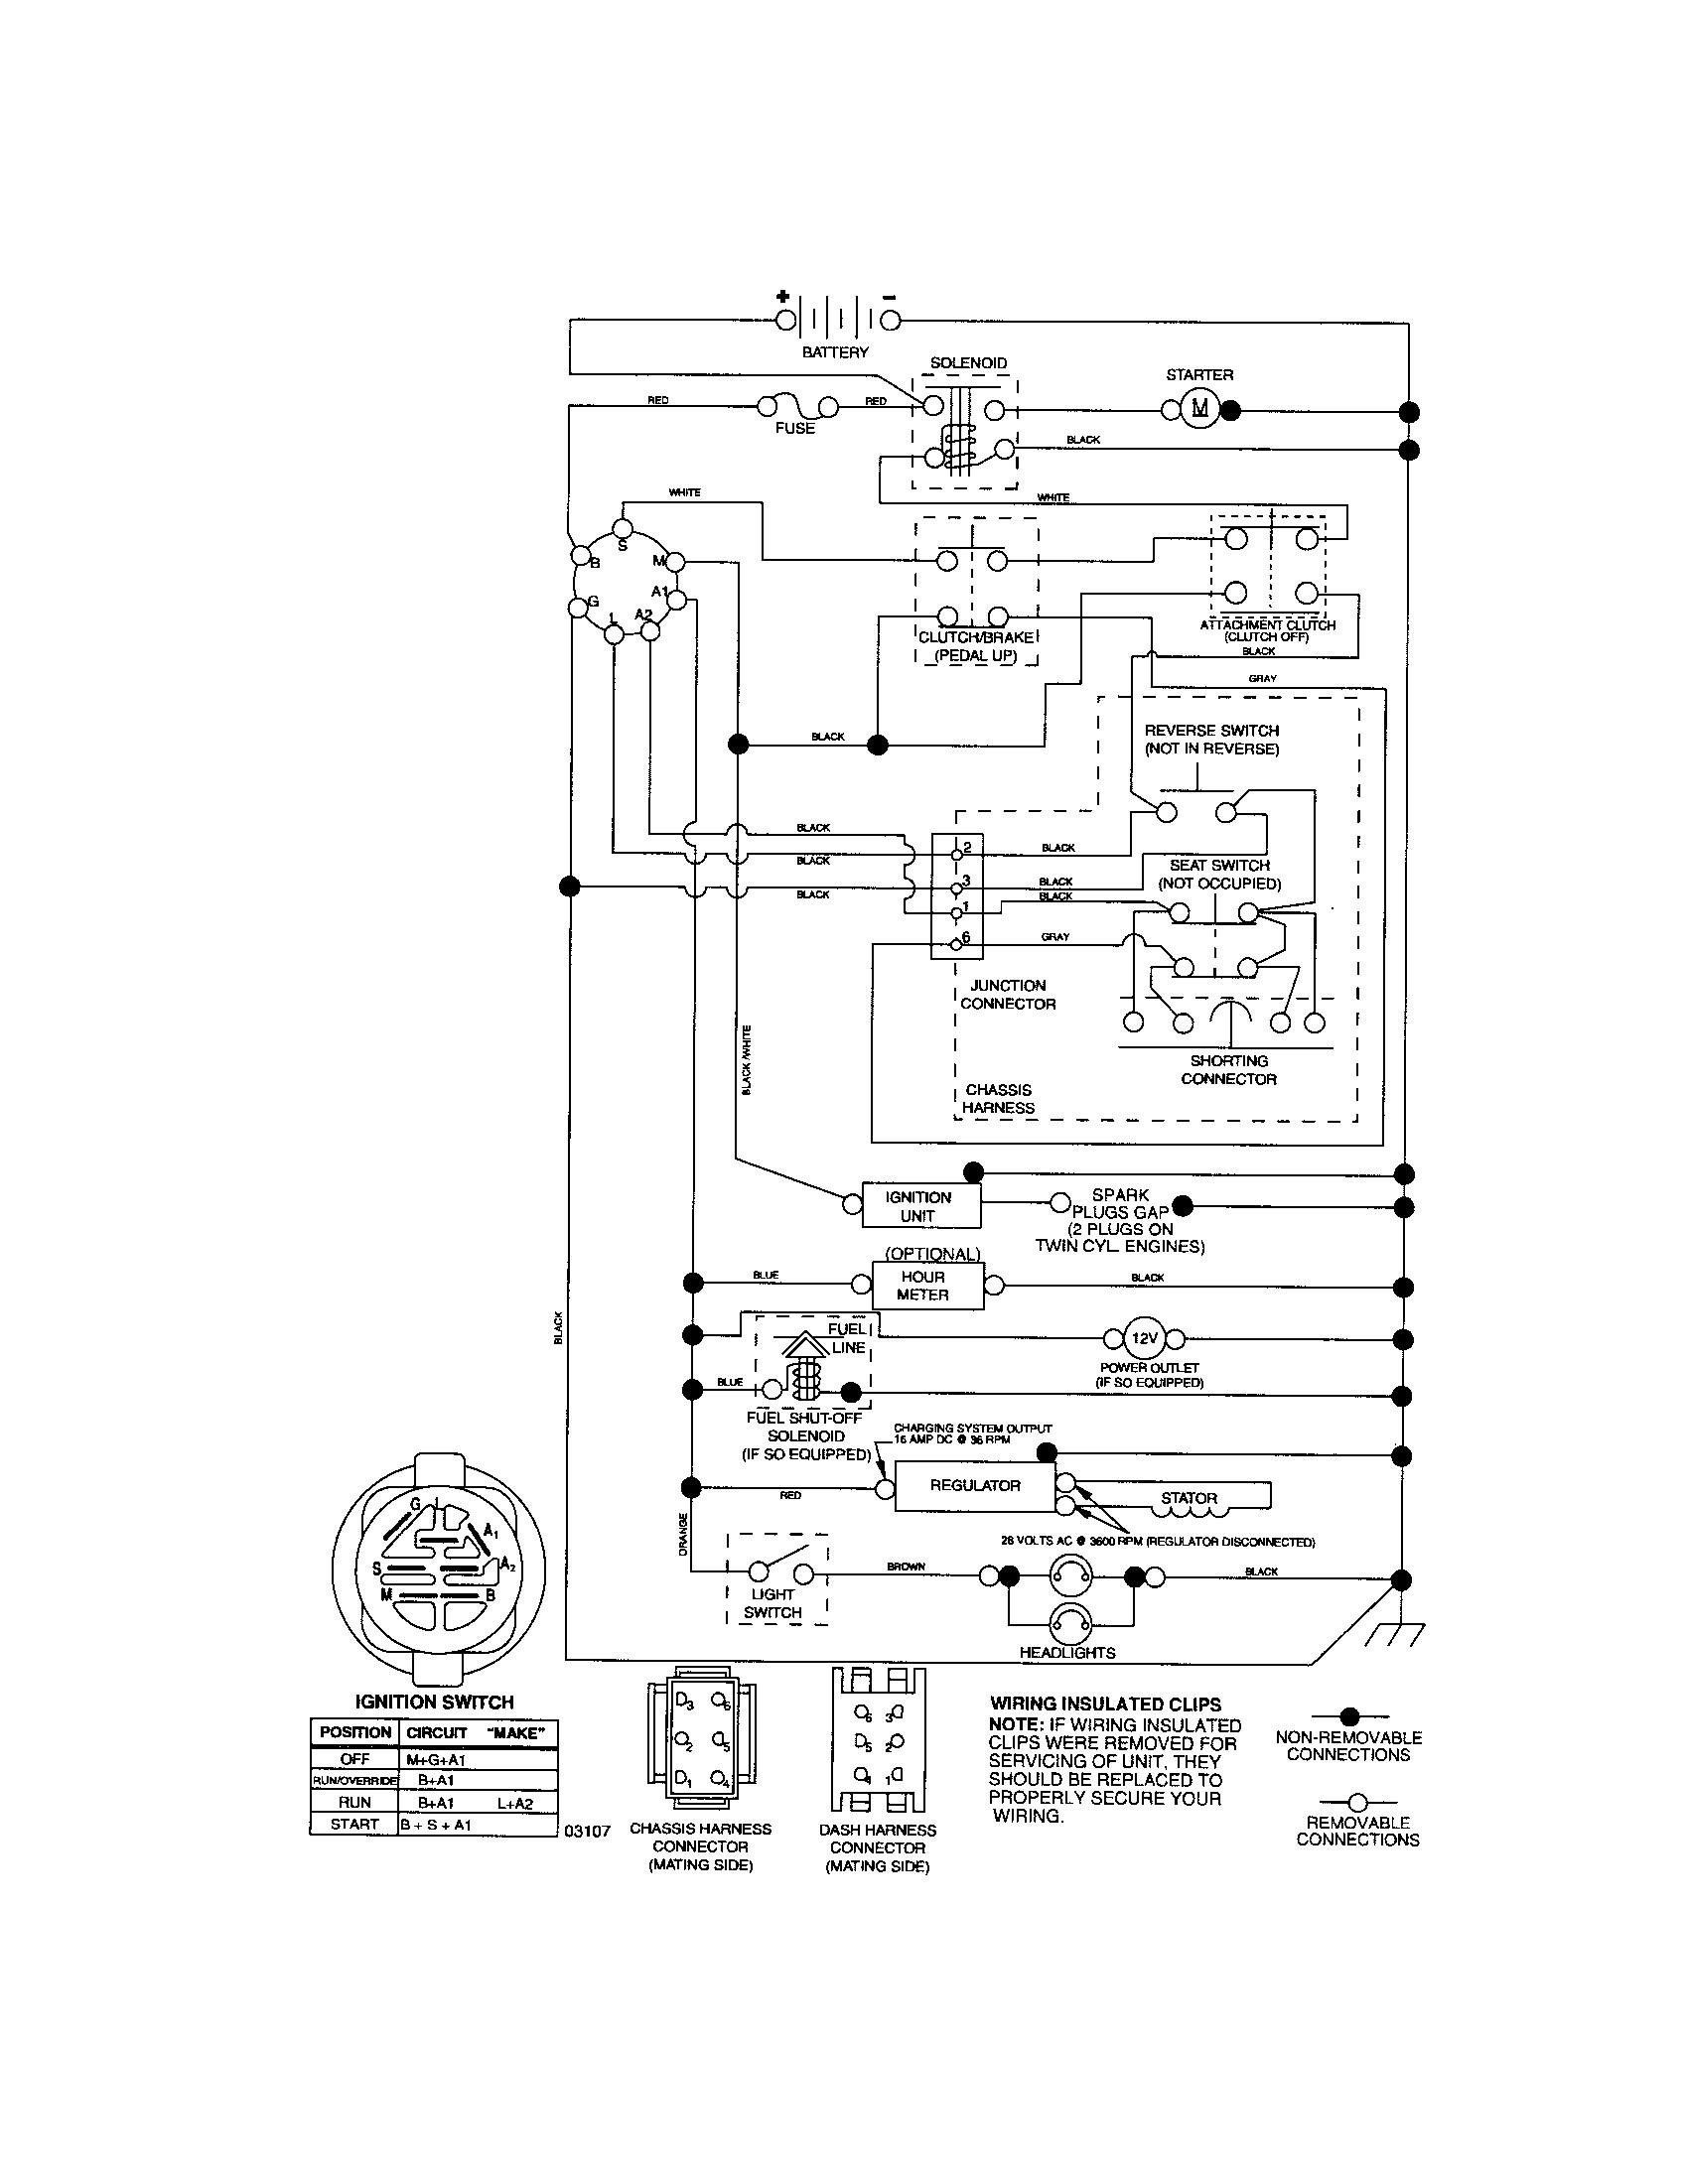 Craftsman Gt 5000 Parts Diagram Craftsman Riding Mower Electrical Diagram Of Craftsman Gt 5000 Parts Diagram